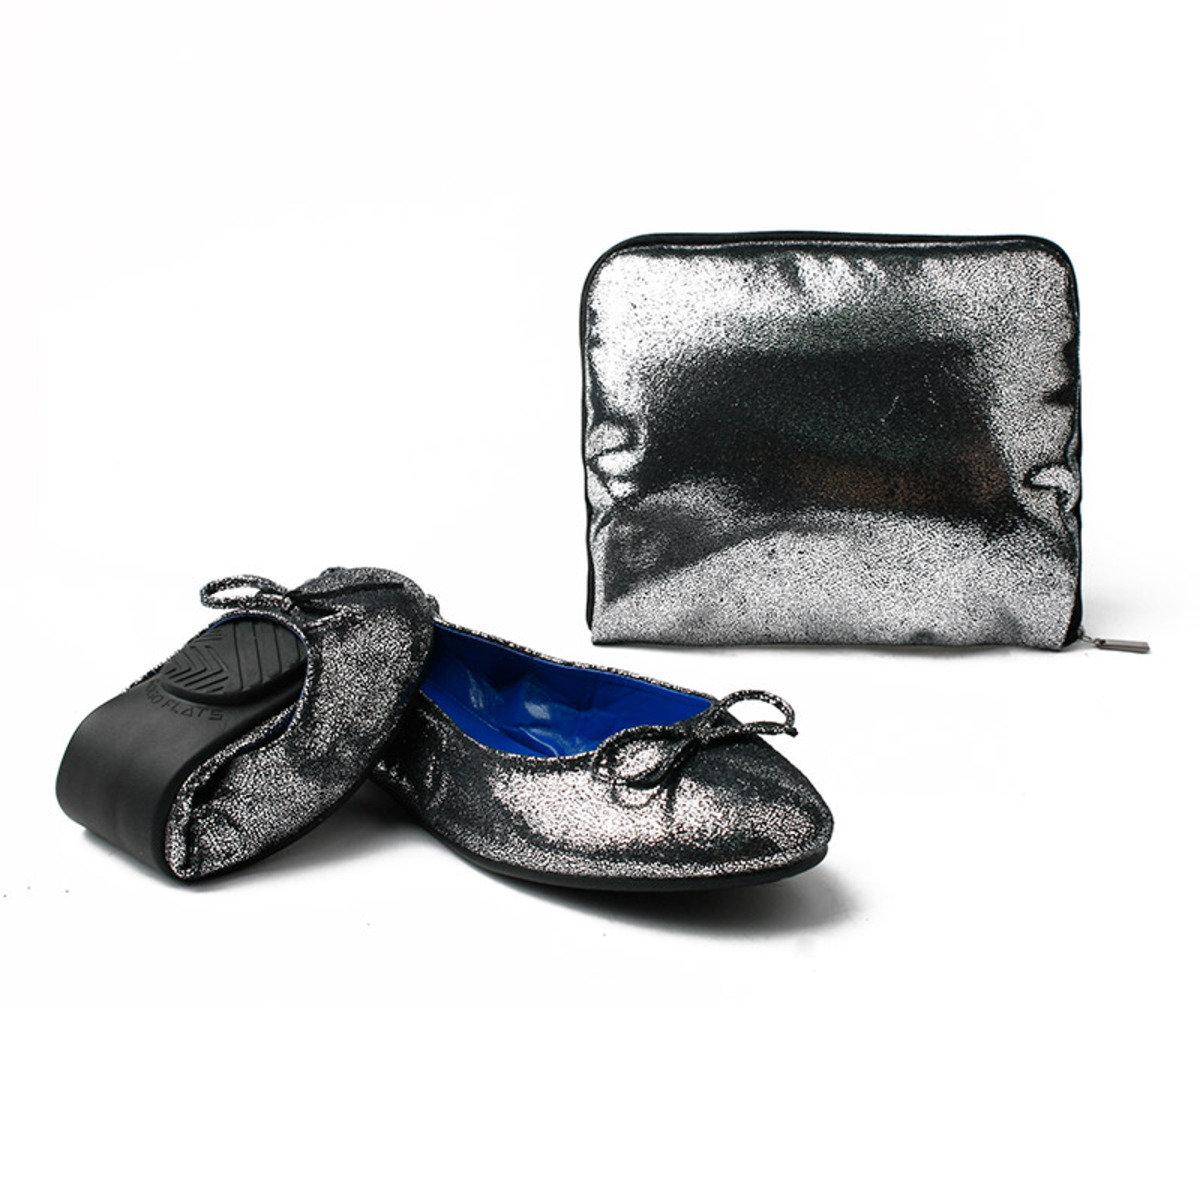 閃爍摺疊式平底鞋_GOGO_4MPS